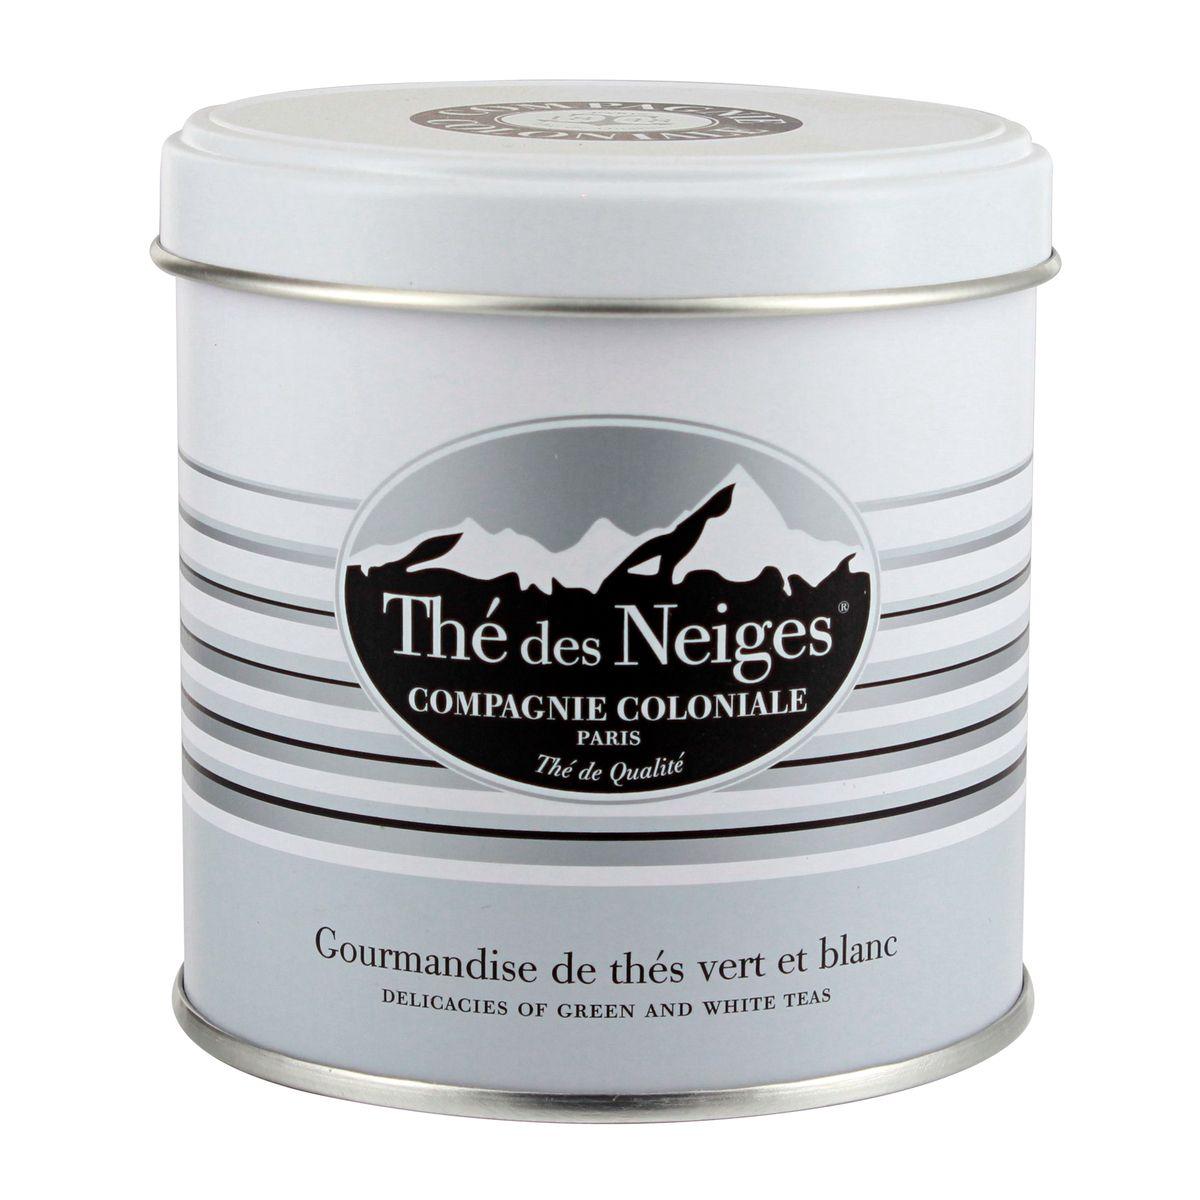 Thé des Neiges 90g - Compagnie Coloniale